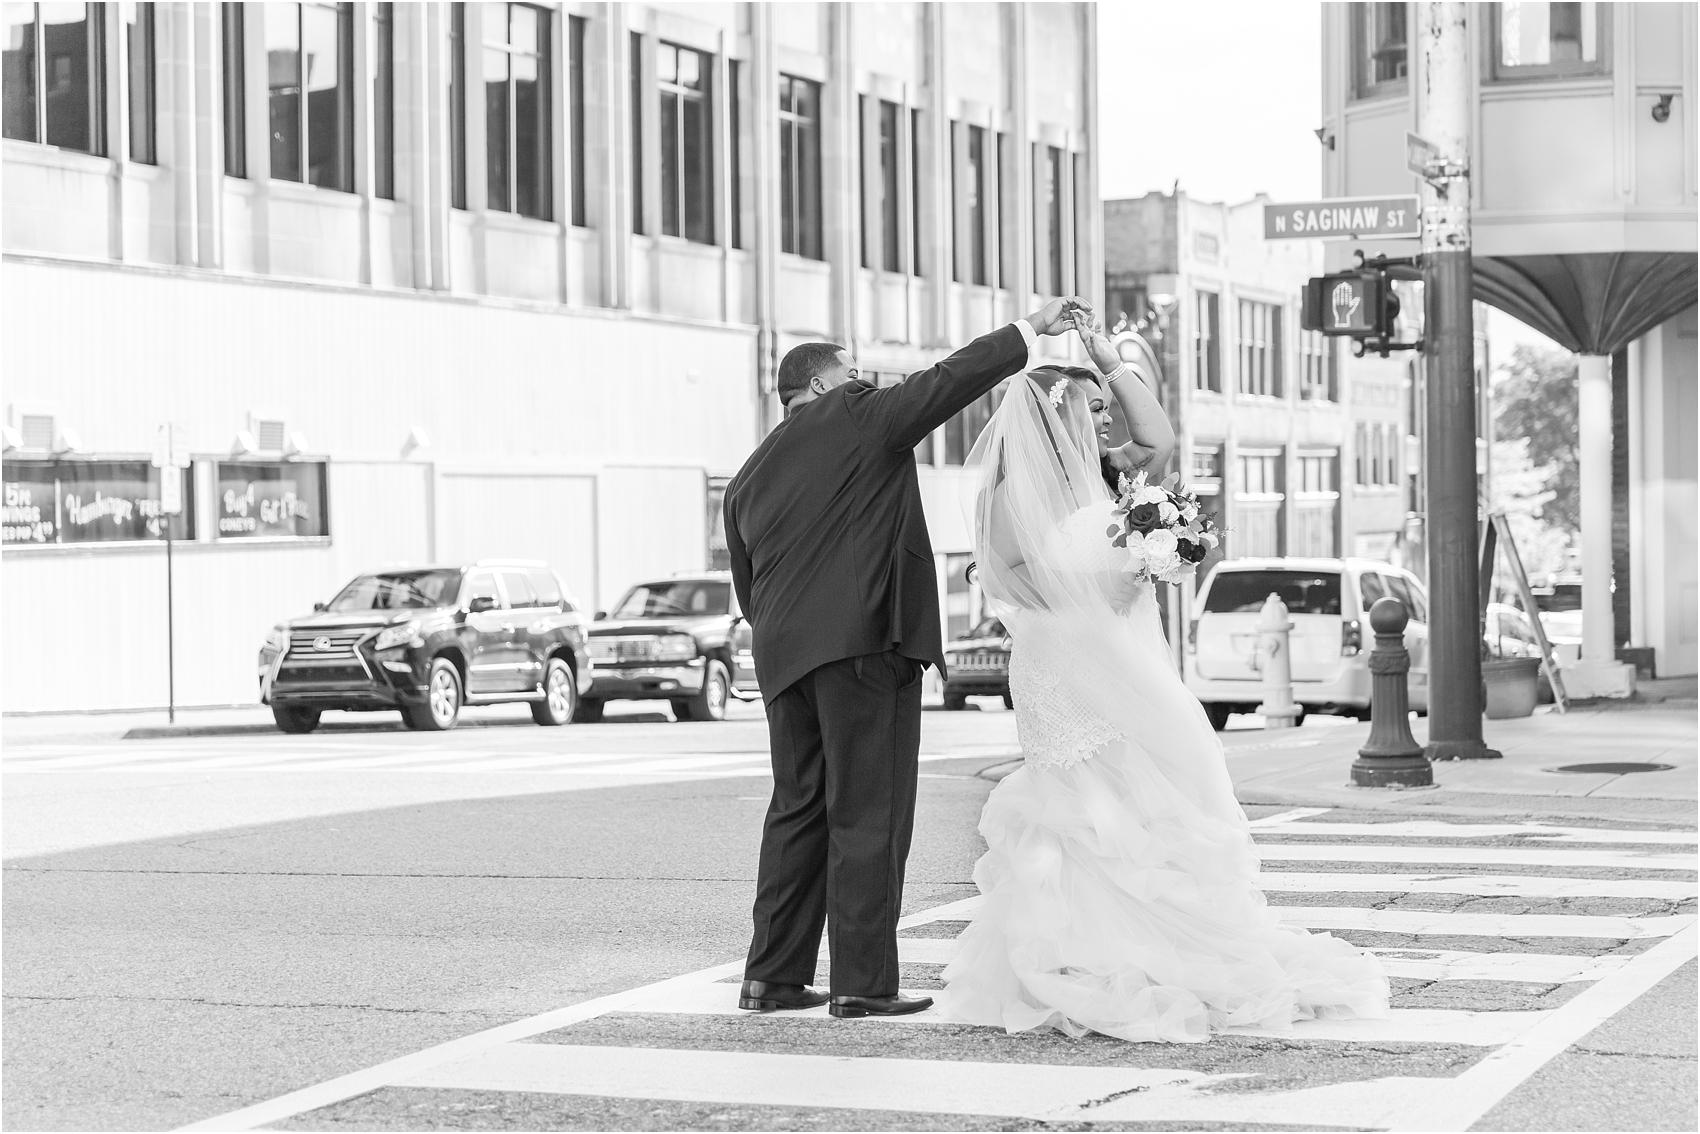 minimalist-and-modern-wedding-photos-at-30-north-saginaw-in-pontiac-michigan-by-courtney-carolyn-photography_0056.jpg